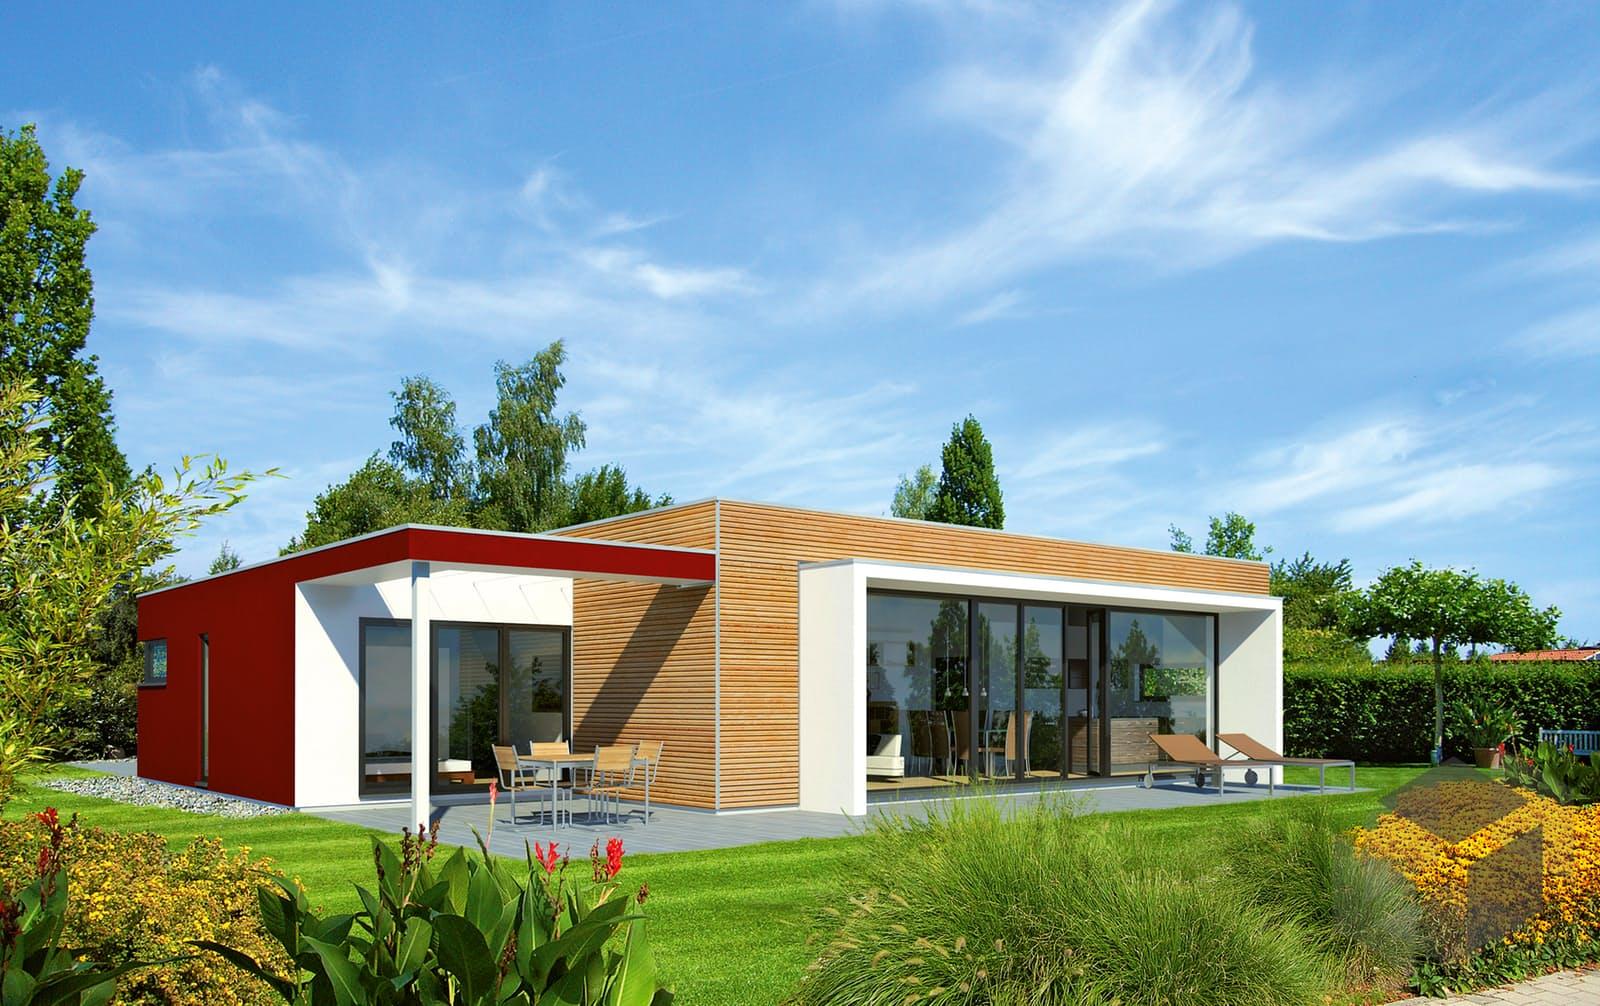 level von kitzlingerhaus komplette daten bersicht. Black Bedroom Furniture Sets. Home Design Ideas